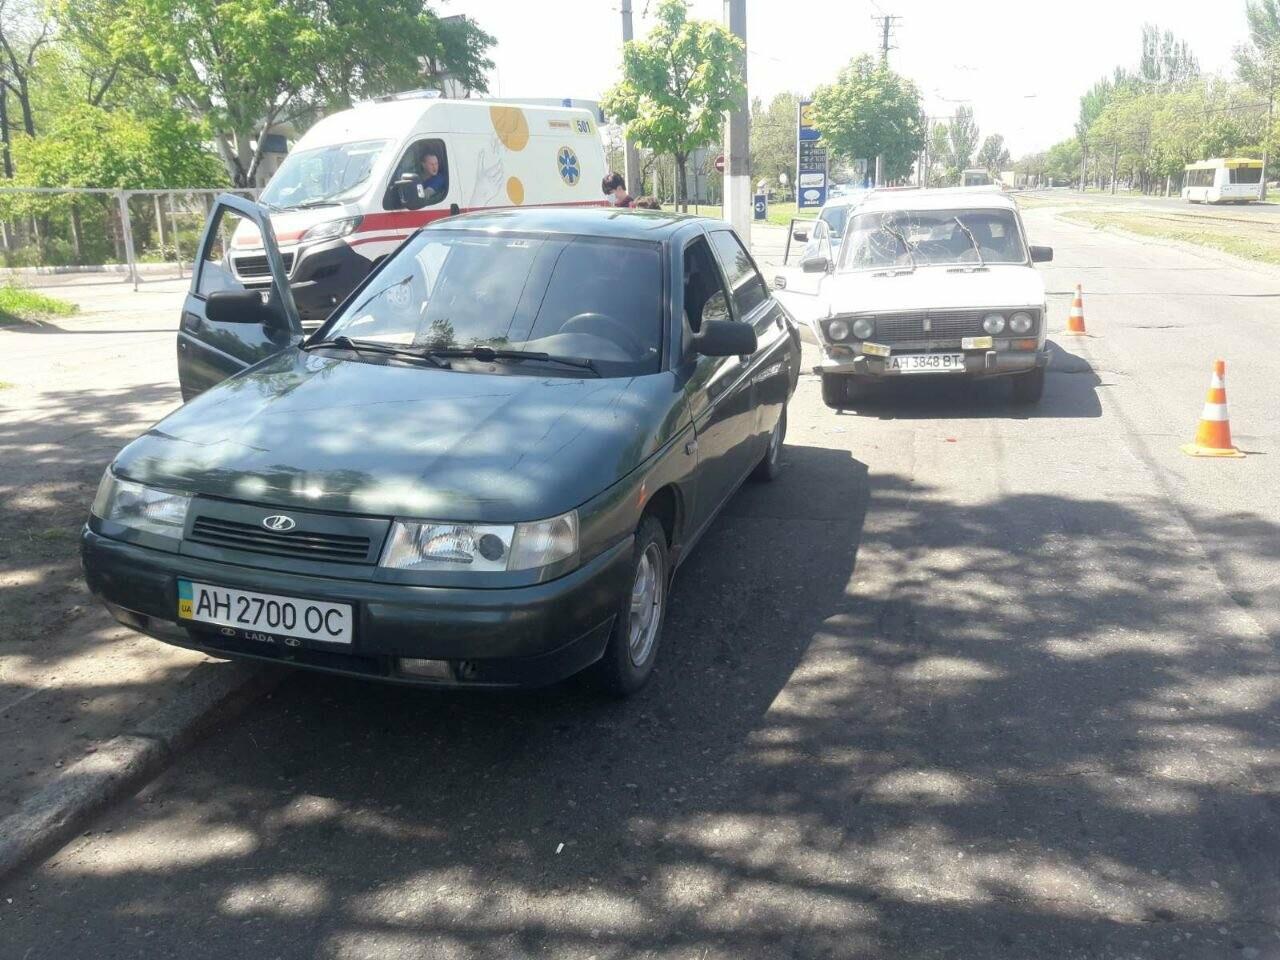 """В 11 раз больше! В Мариуполе пьяный водитель """"Жигули"""" протаранил 3 автомобиля, - ФОТО, фото-1"""